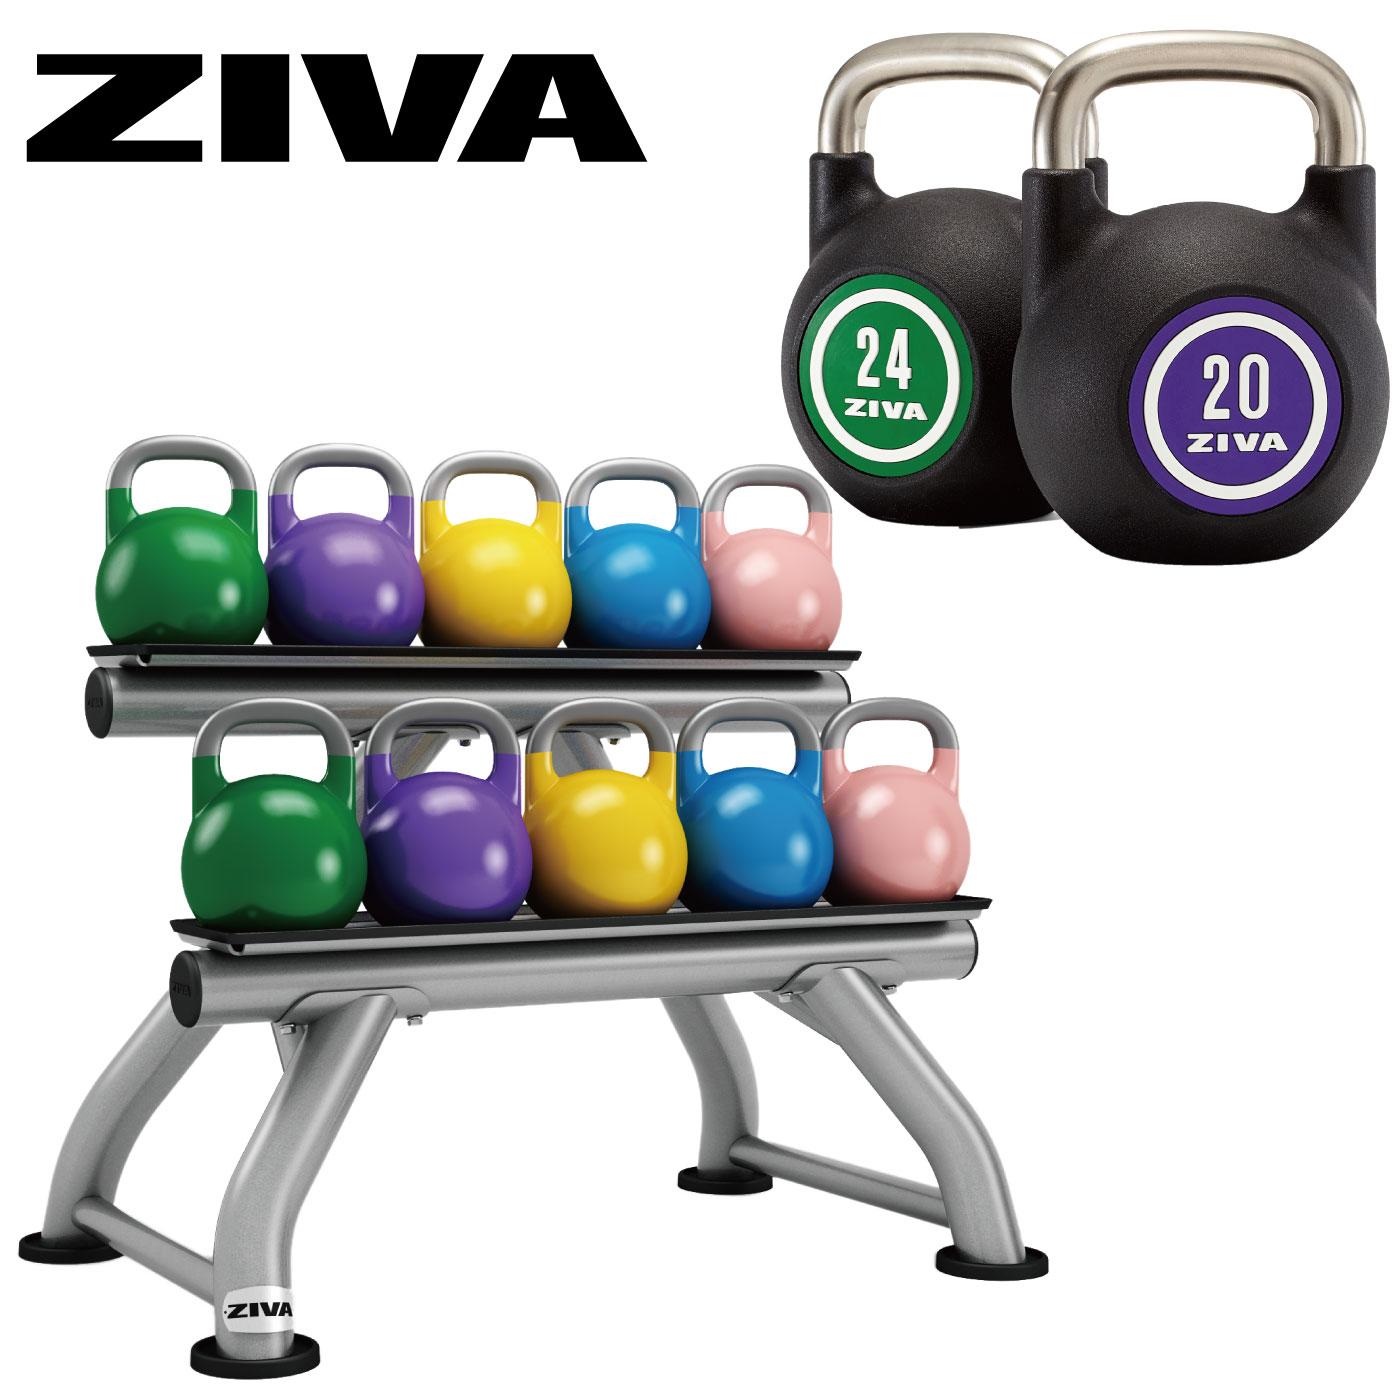 ウレタンコンペティション ケトルベル10個+STケトルベルラックセット(4kg-48kg)/ケトルベル・ラックセット〈業務用〉《ZIVA(ジーヴァ)》